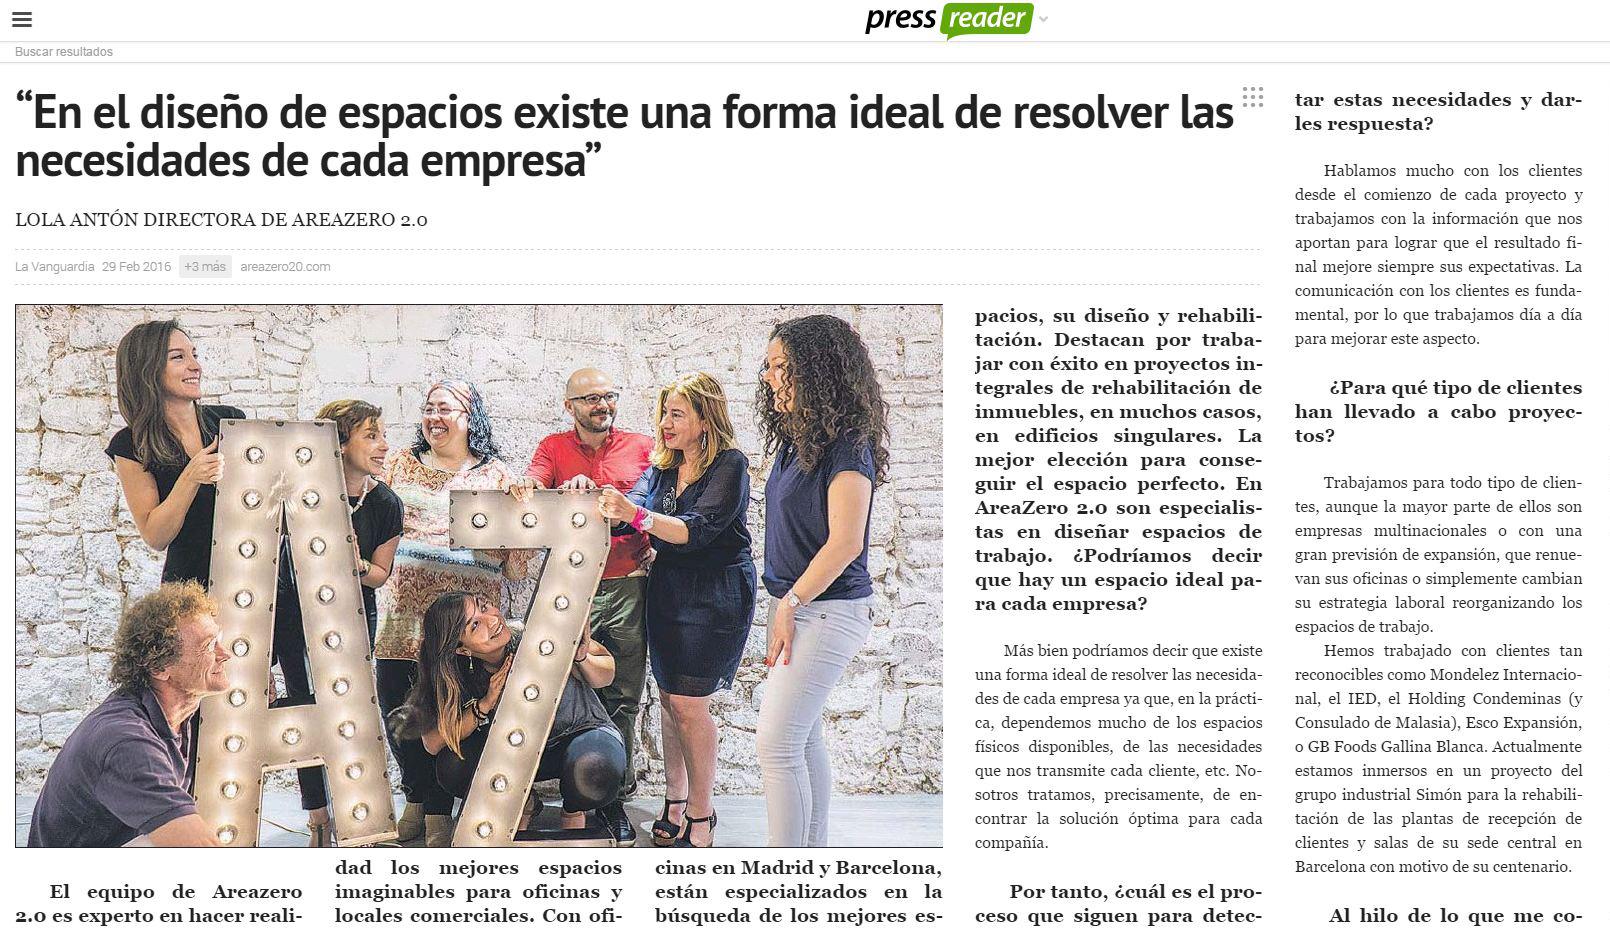 AREAZERO 2.0 EN 'LA VANGUARDIA'